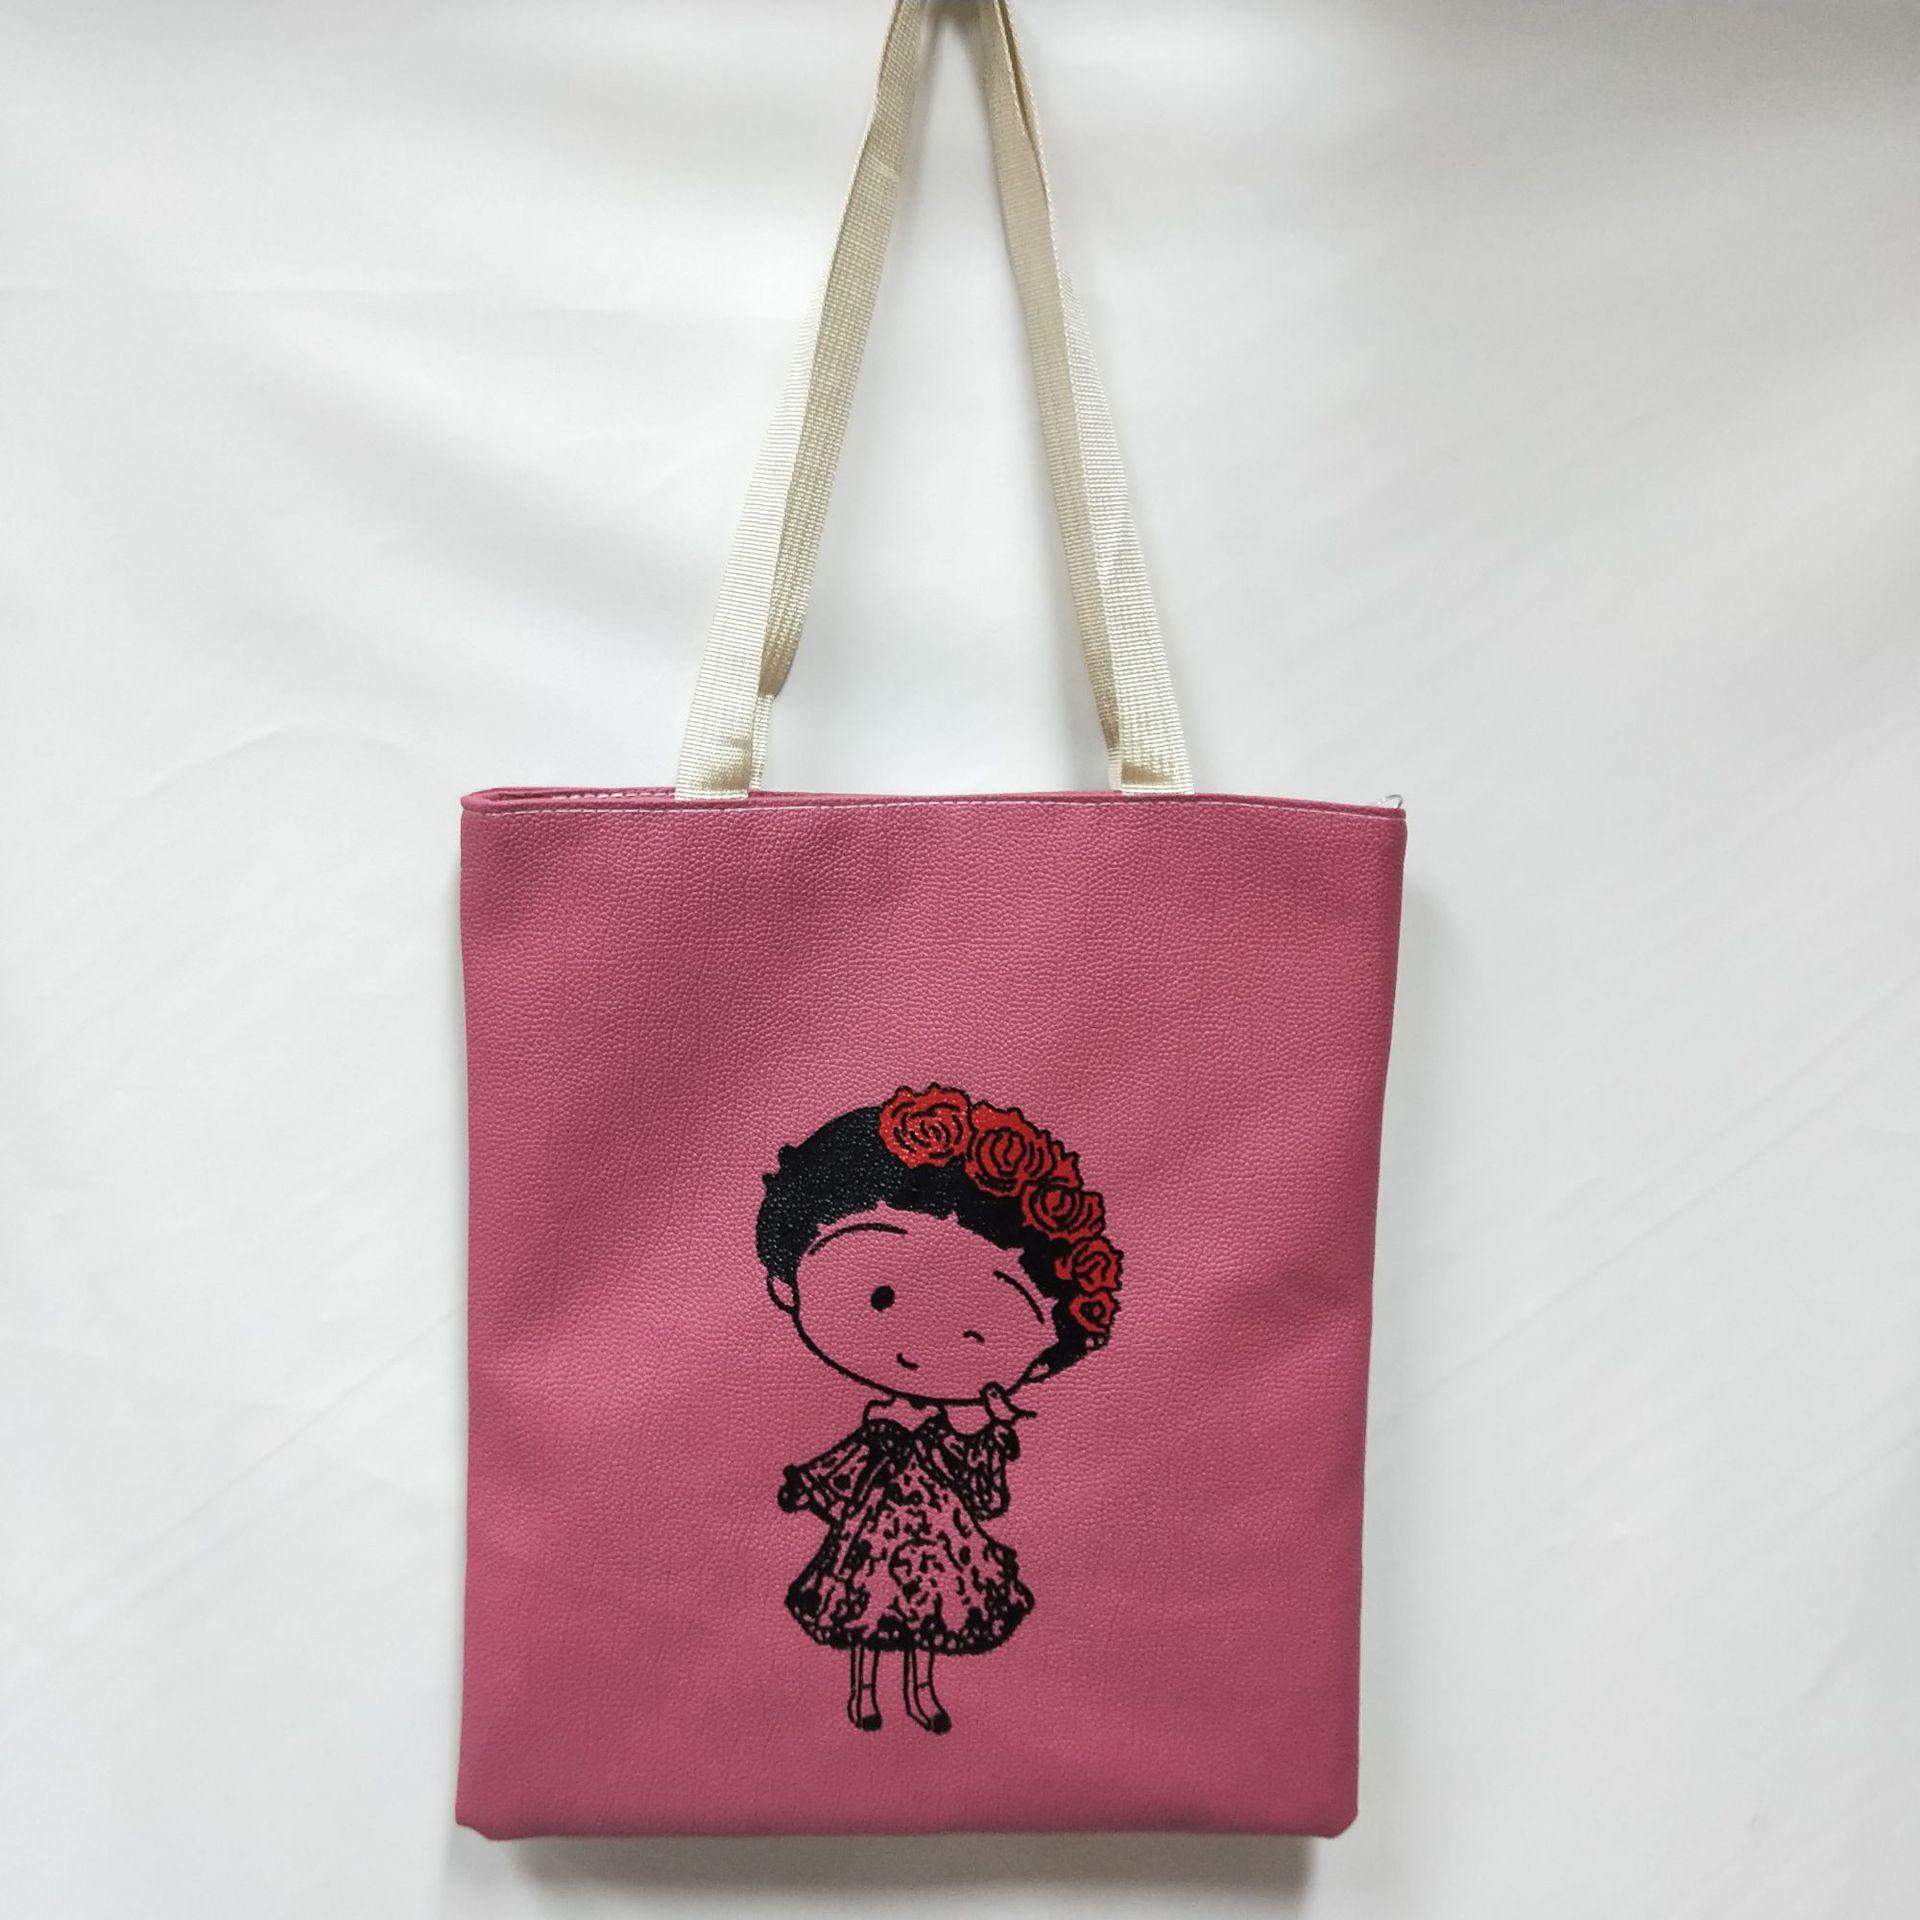 韩国小清新百搭po小直板印花单肩包时尚女包帆布包厂家直销